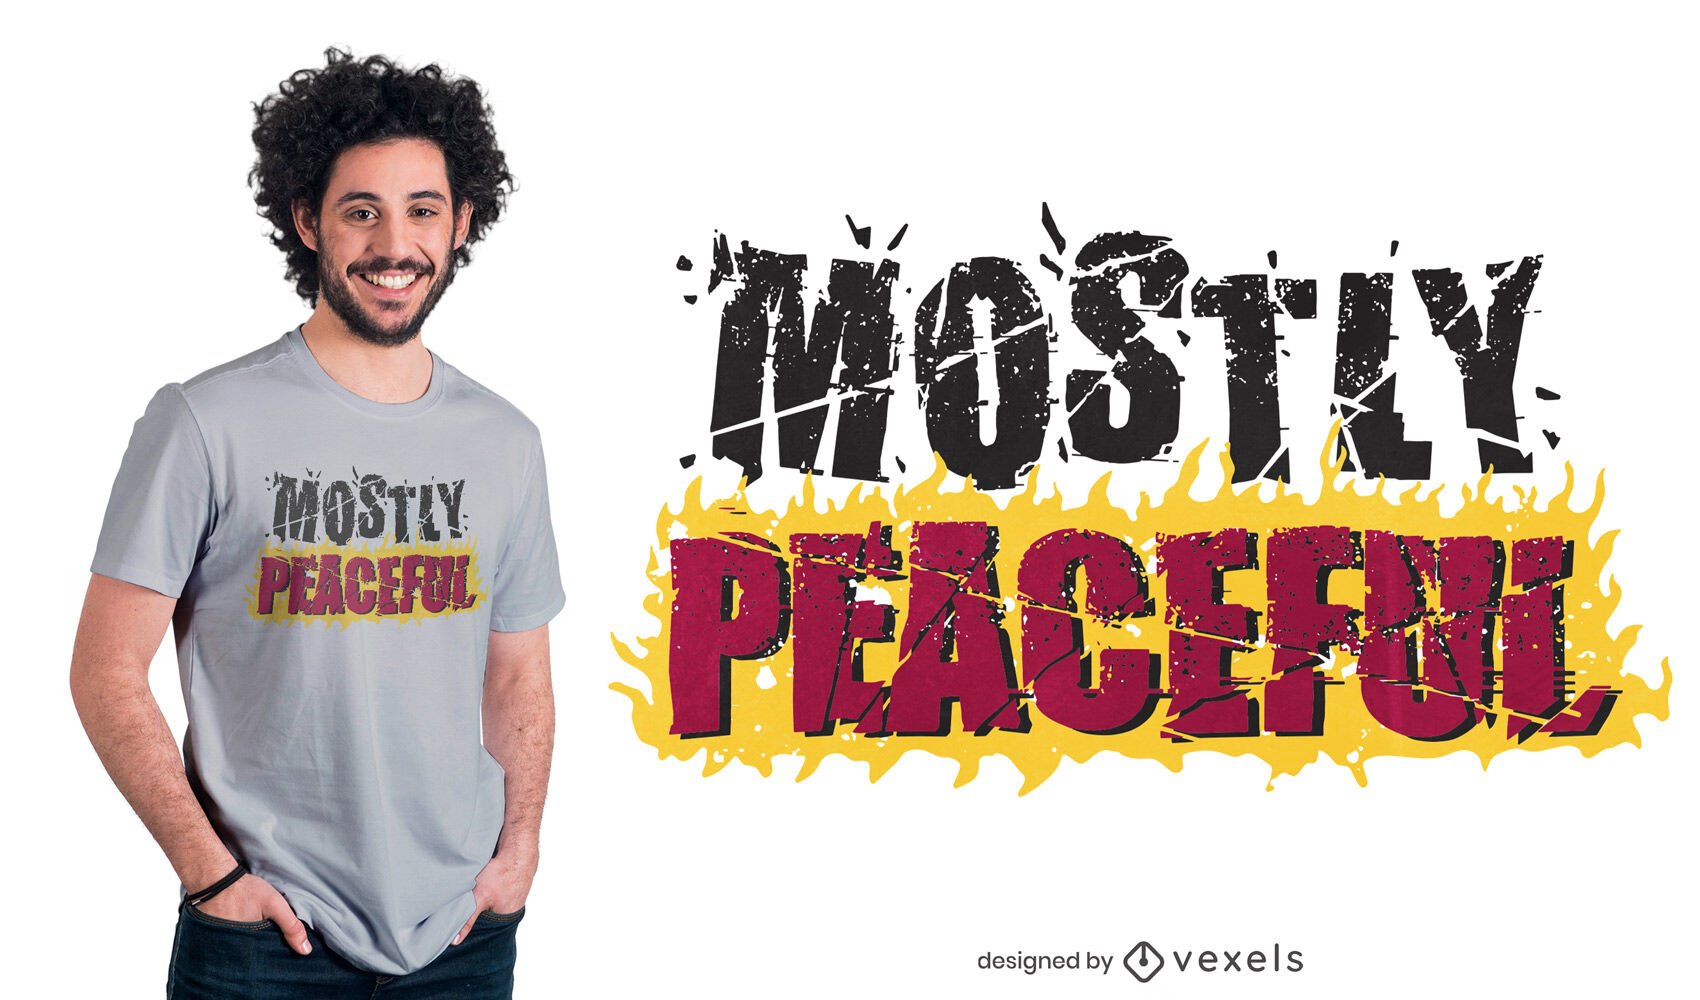 Friedliches Zitat auf Feuer-T-Shirt-Design